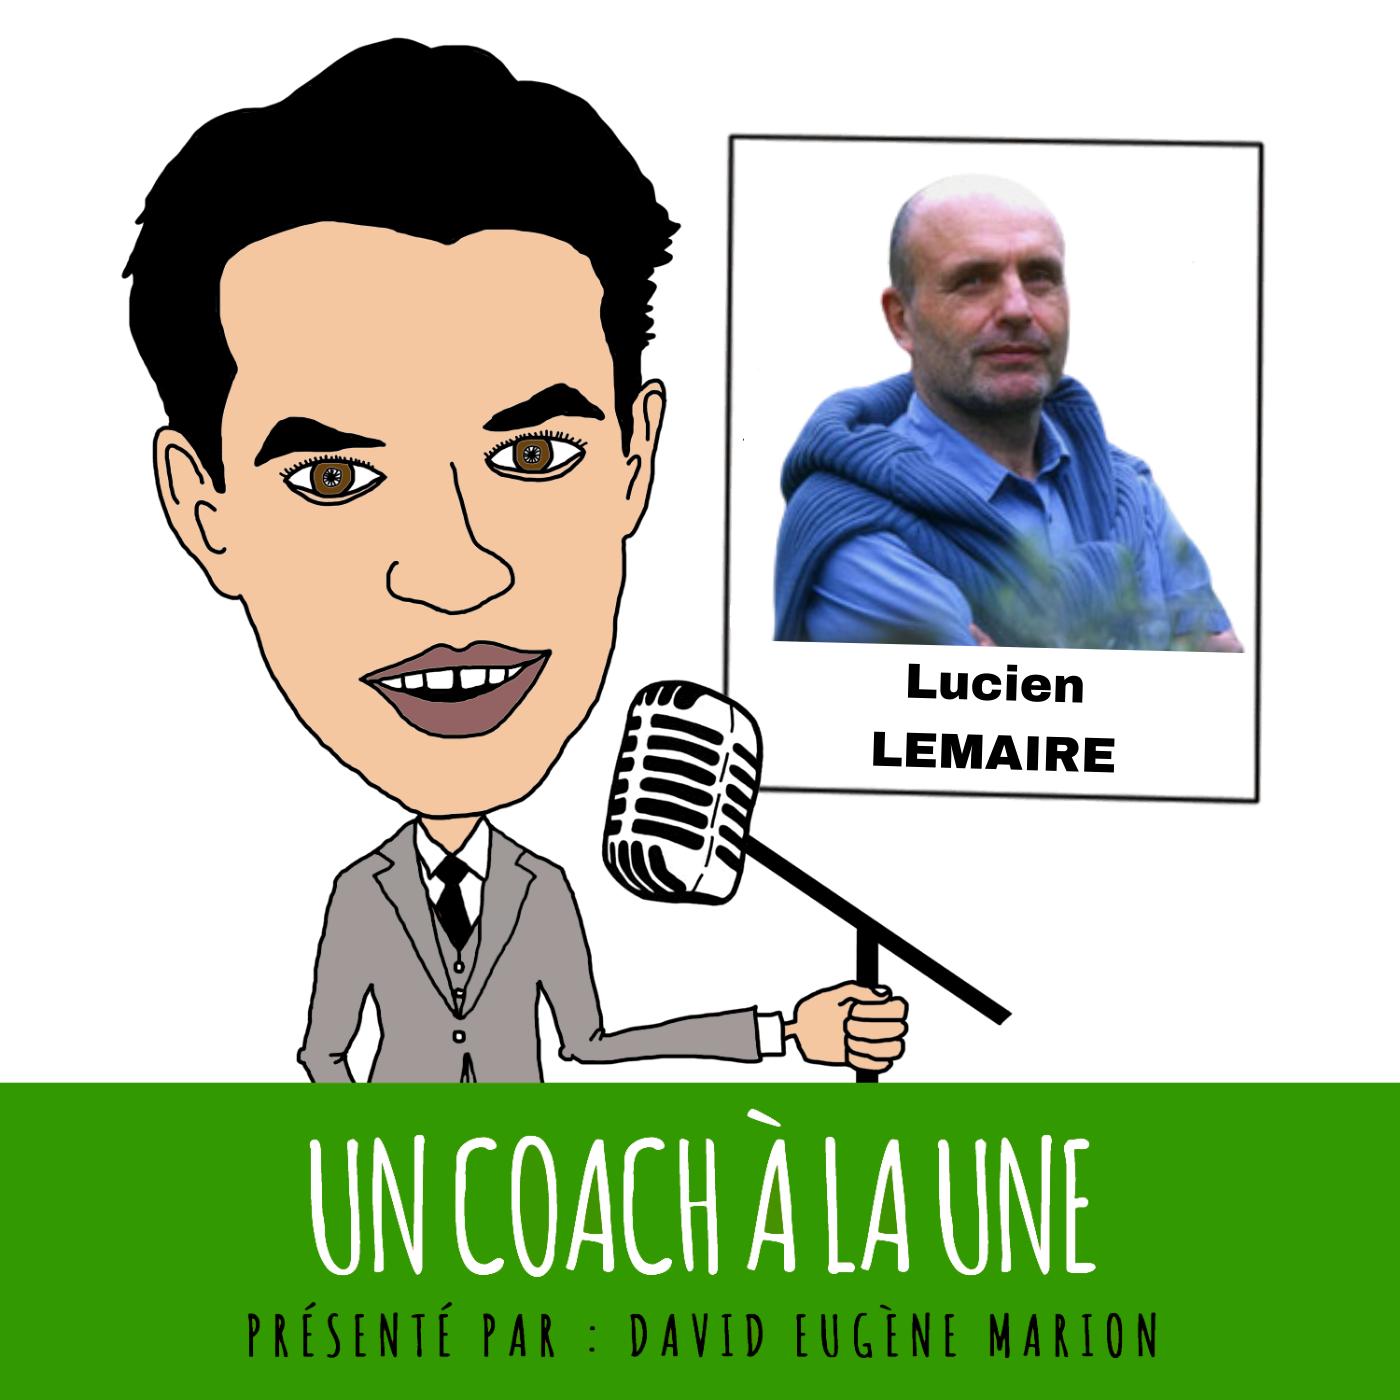 Un Coach À La Une® n°12 : Coaching éthique vs coaching performatif  / Lucien LEMAIRE